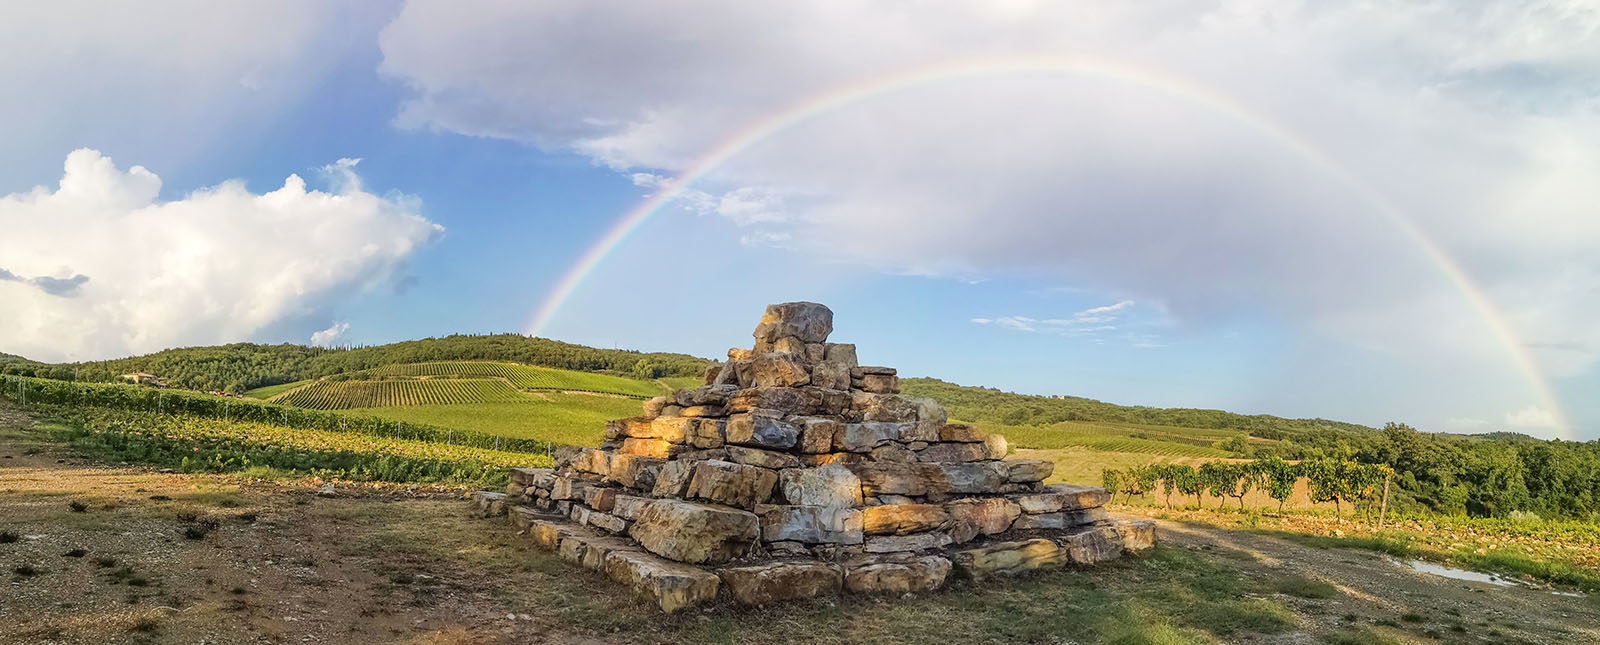 Bindi Sergardi_piramide con arcobaleno